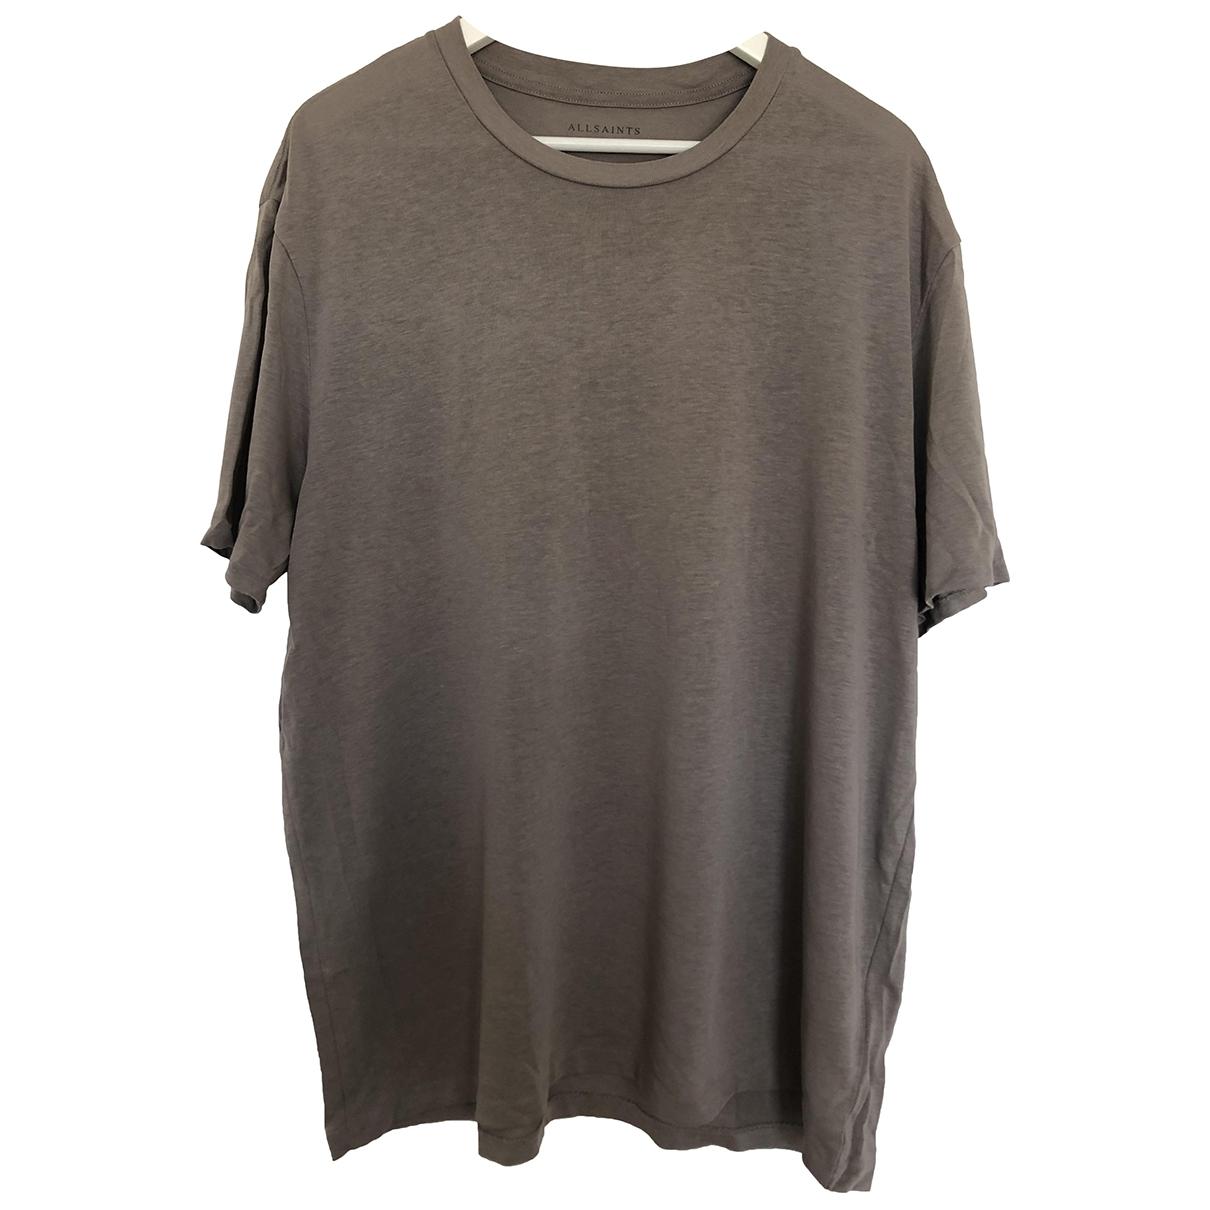 All Saints \N T-Shirts Grau